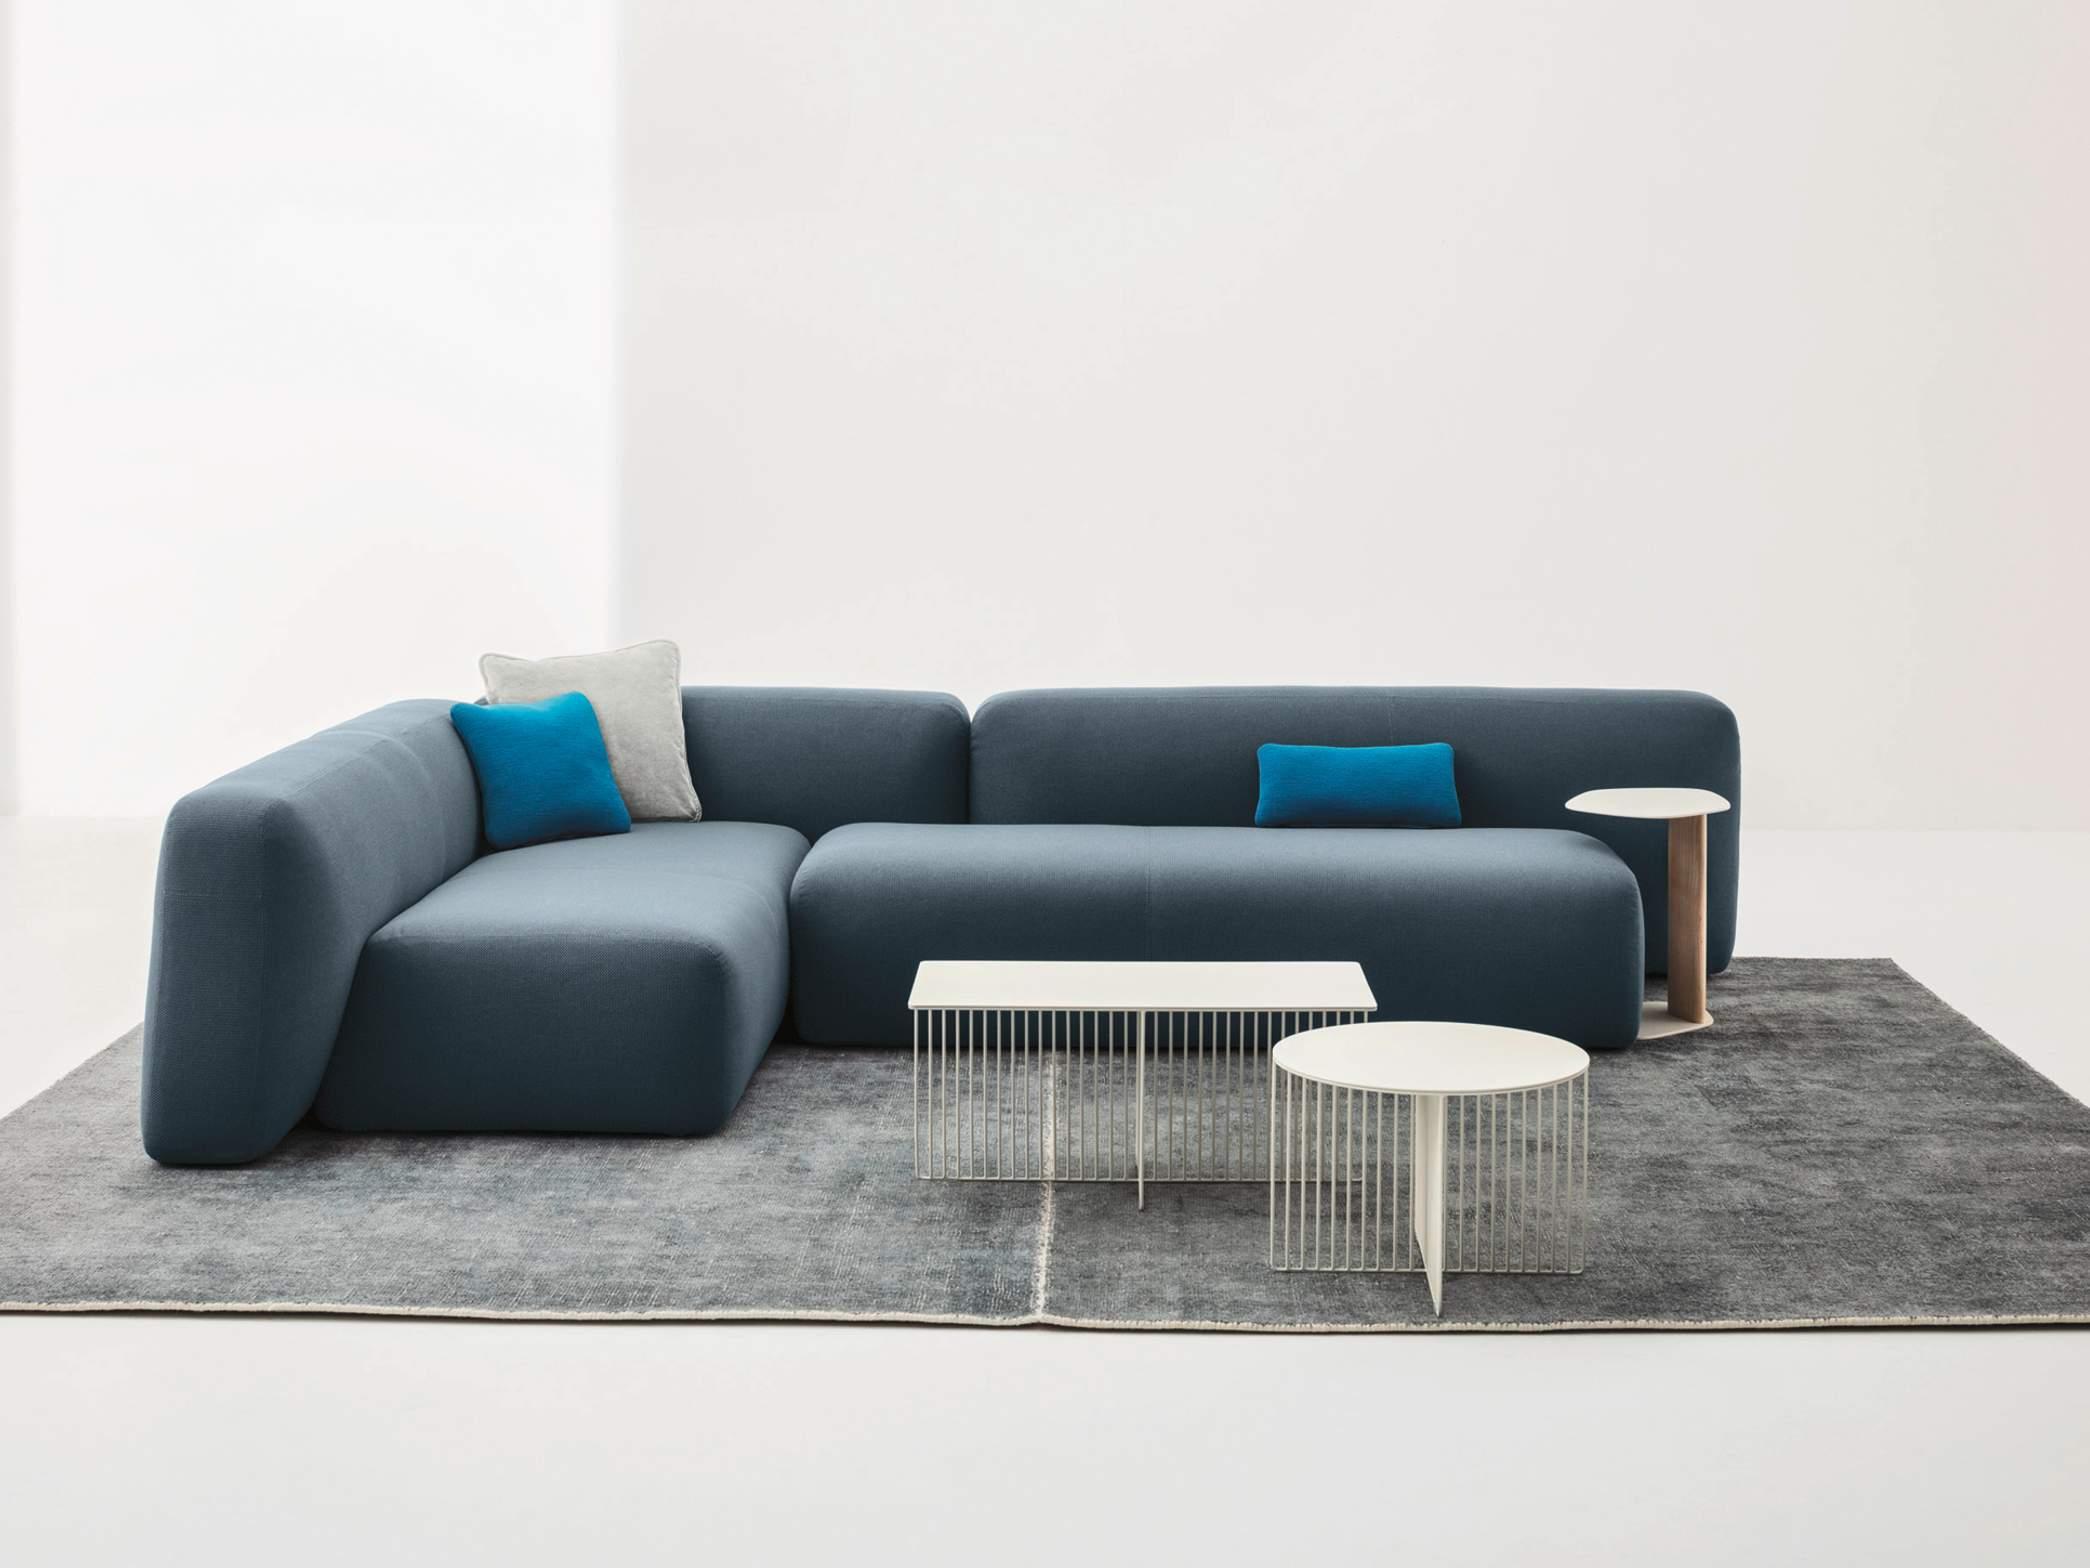 Canapé Modulaire LaCividina Suiseki